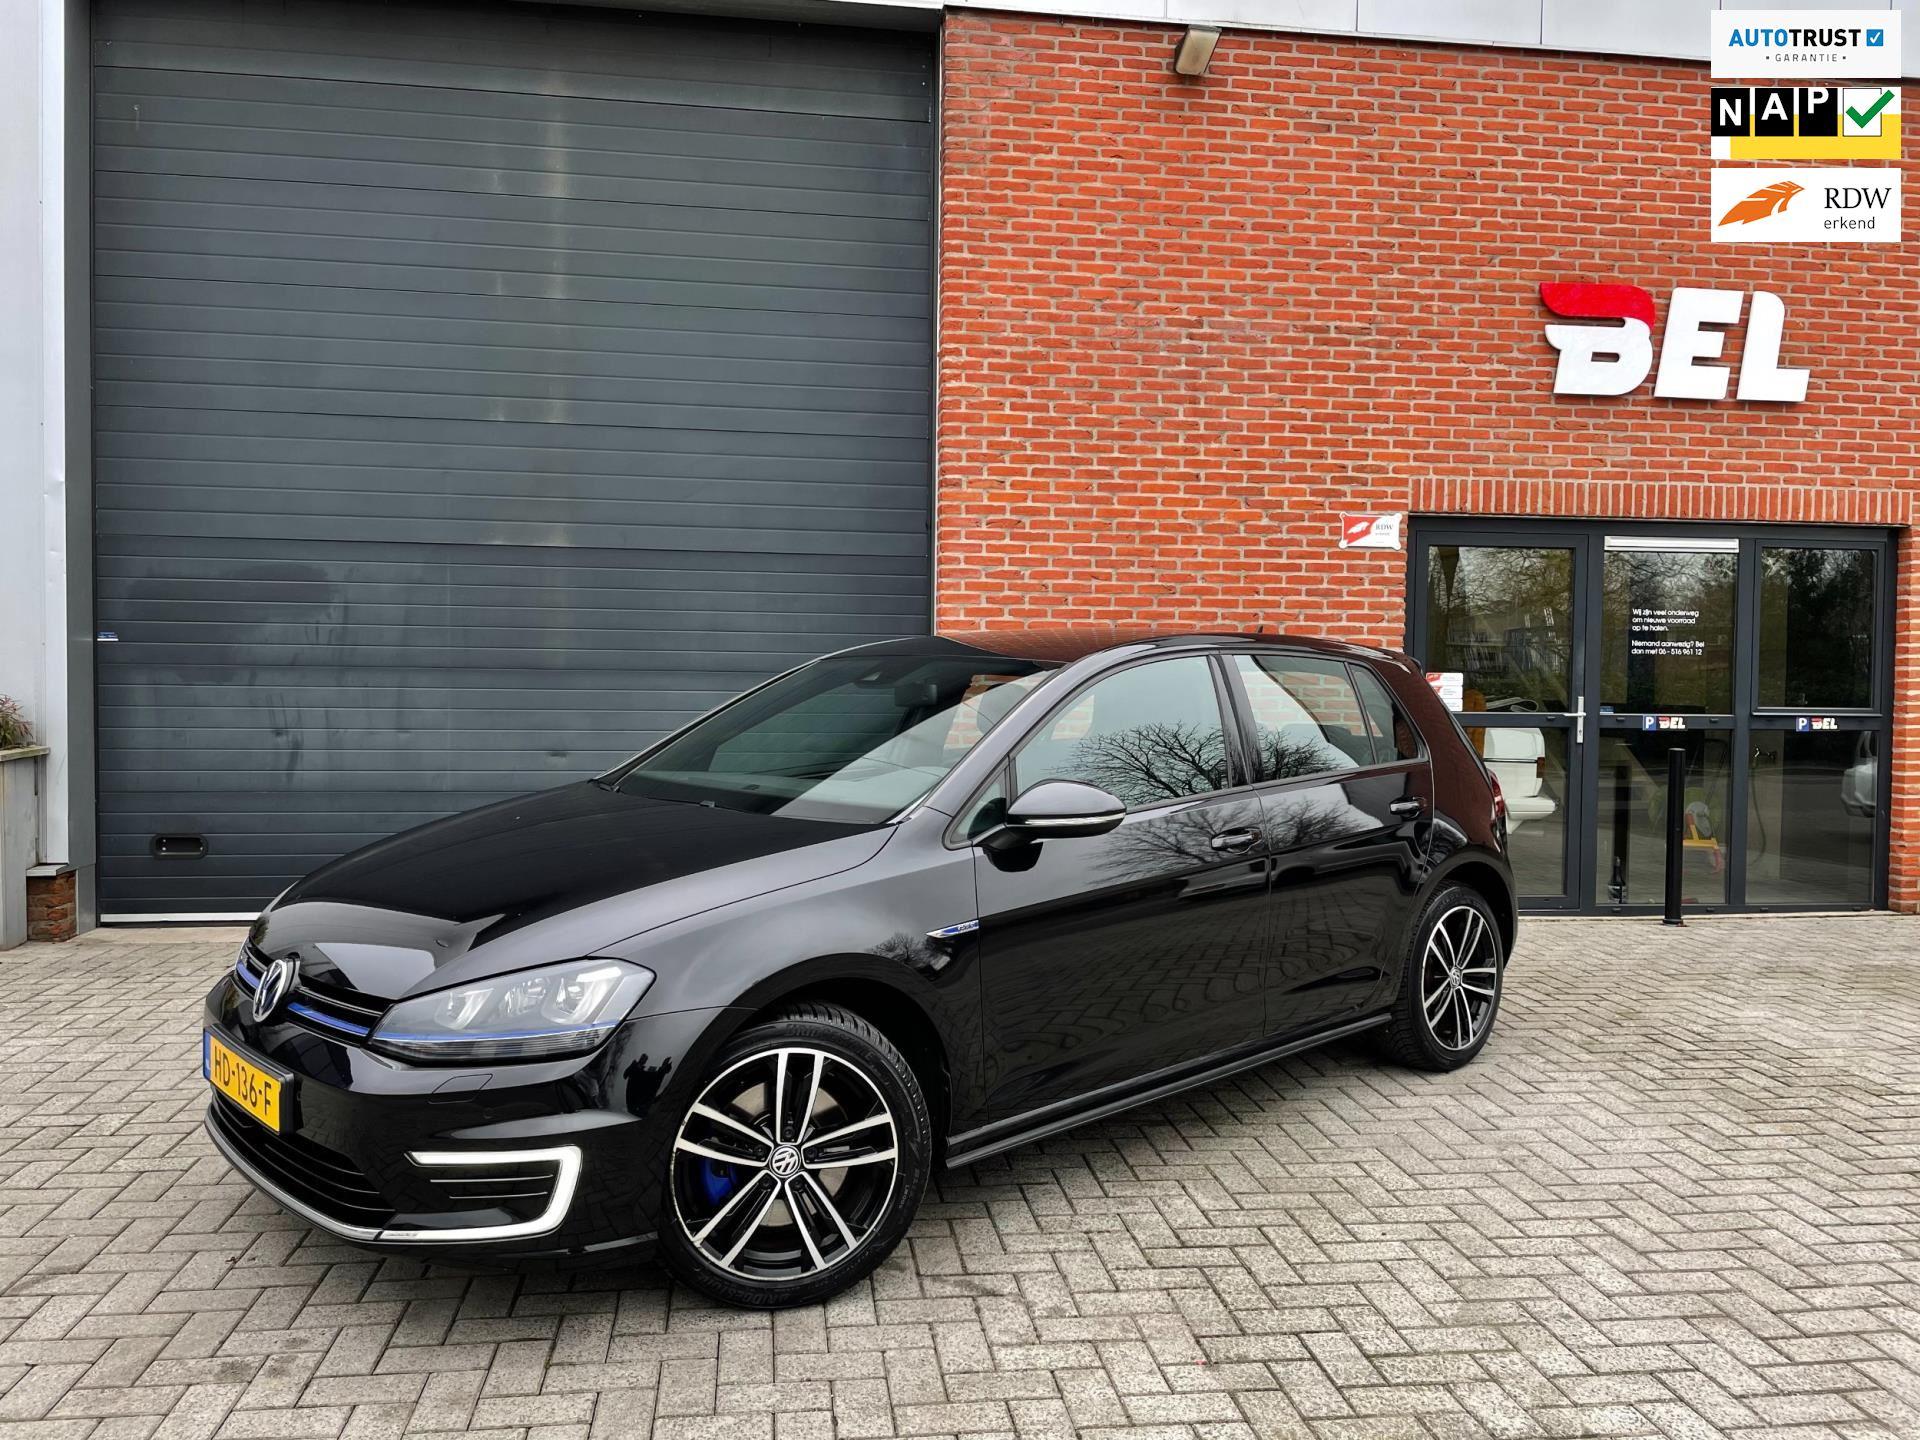 Volkswagen Golf occasion - Bel Auto's